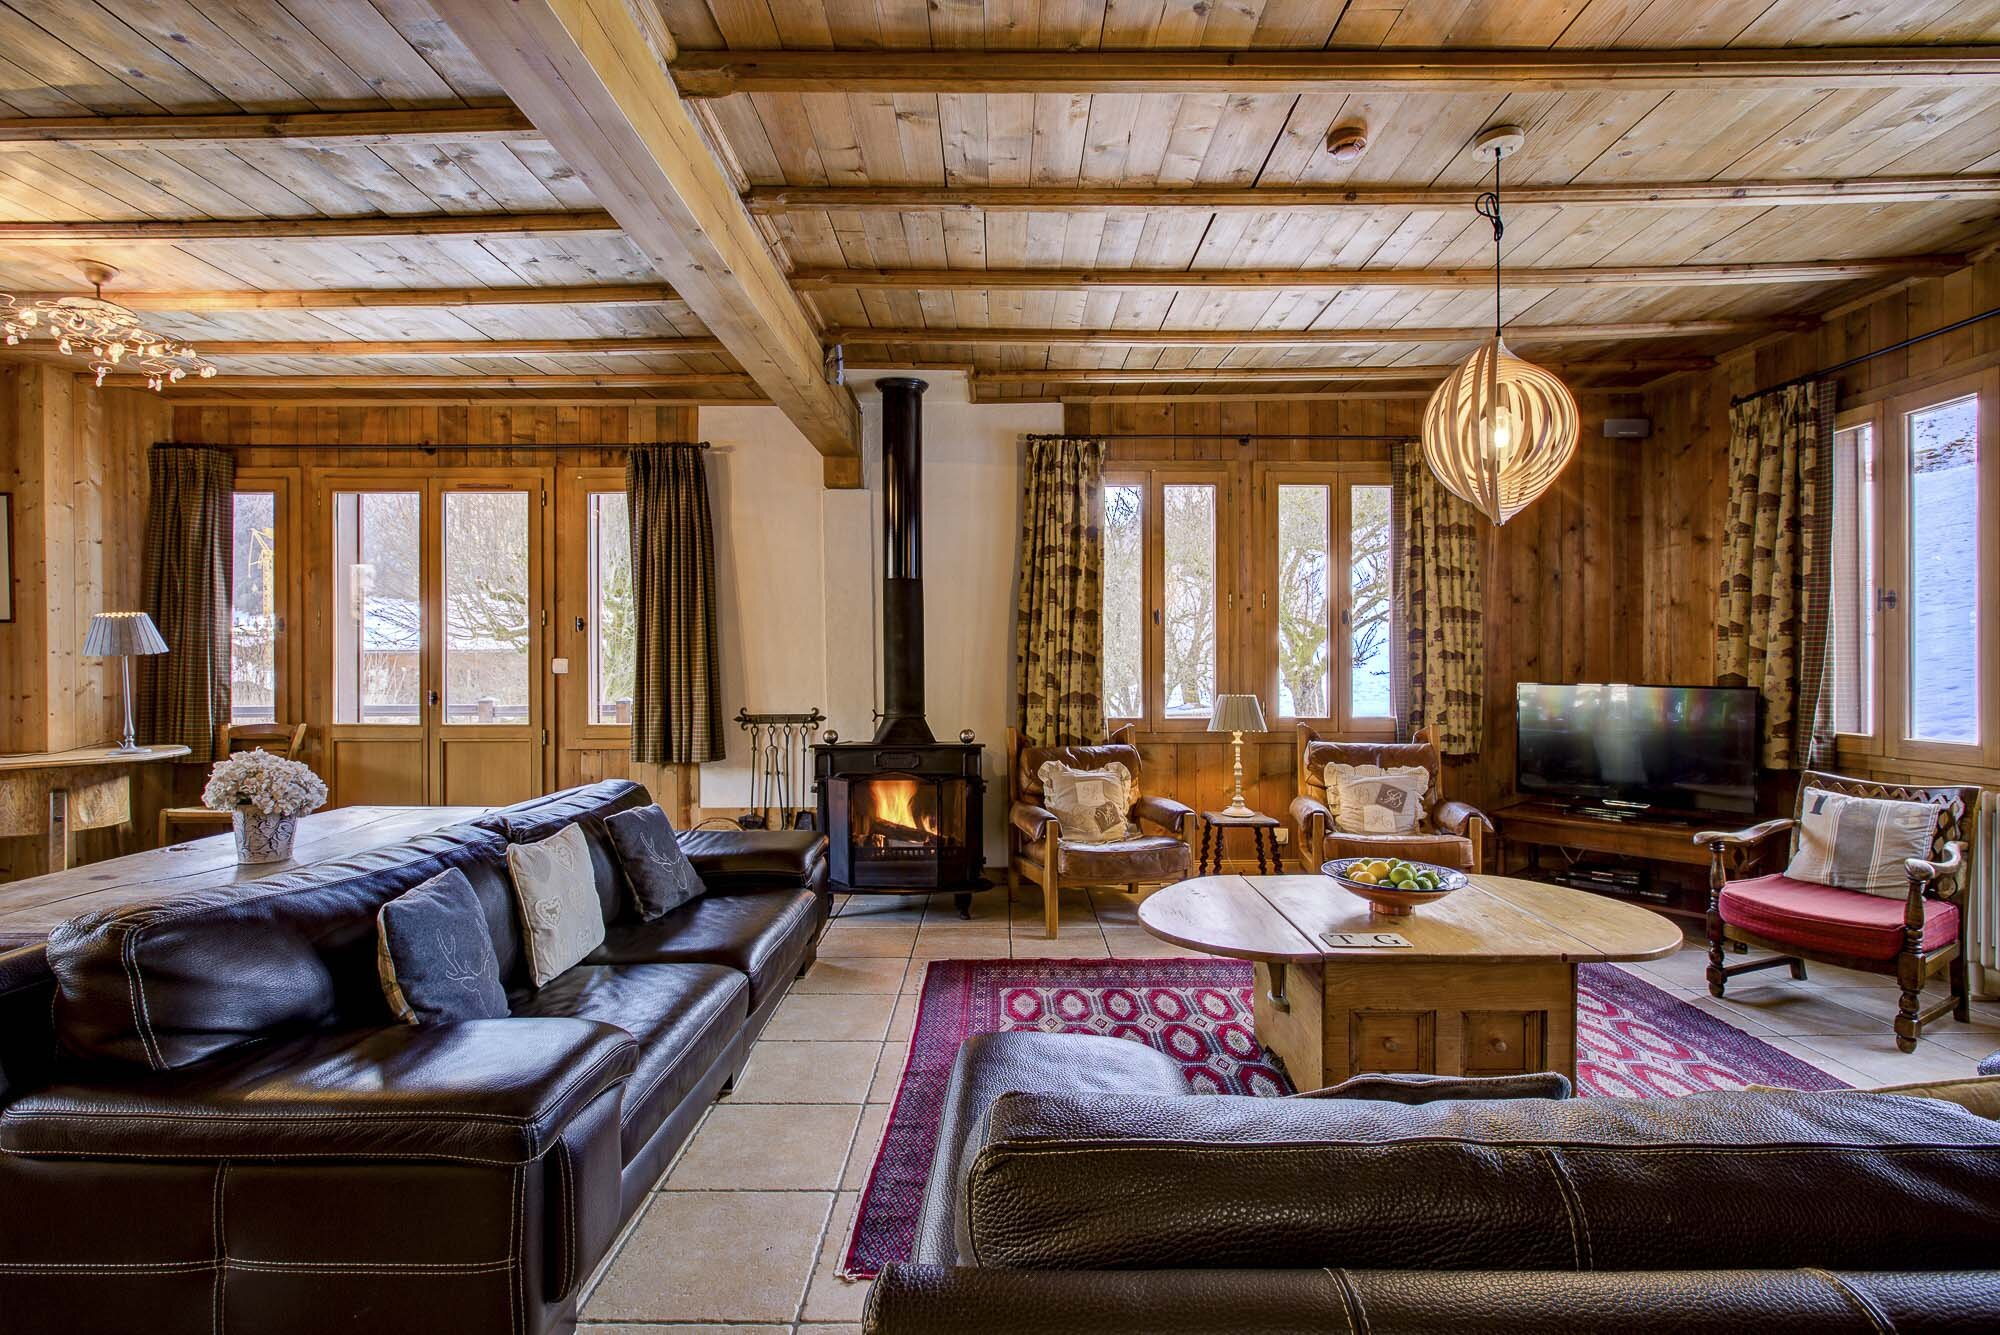 tg-ski-chalet-du-bois-morzine-005.jpg